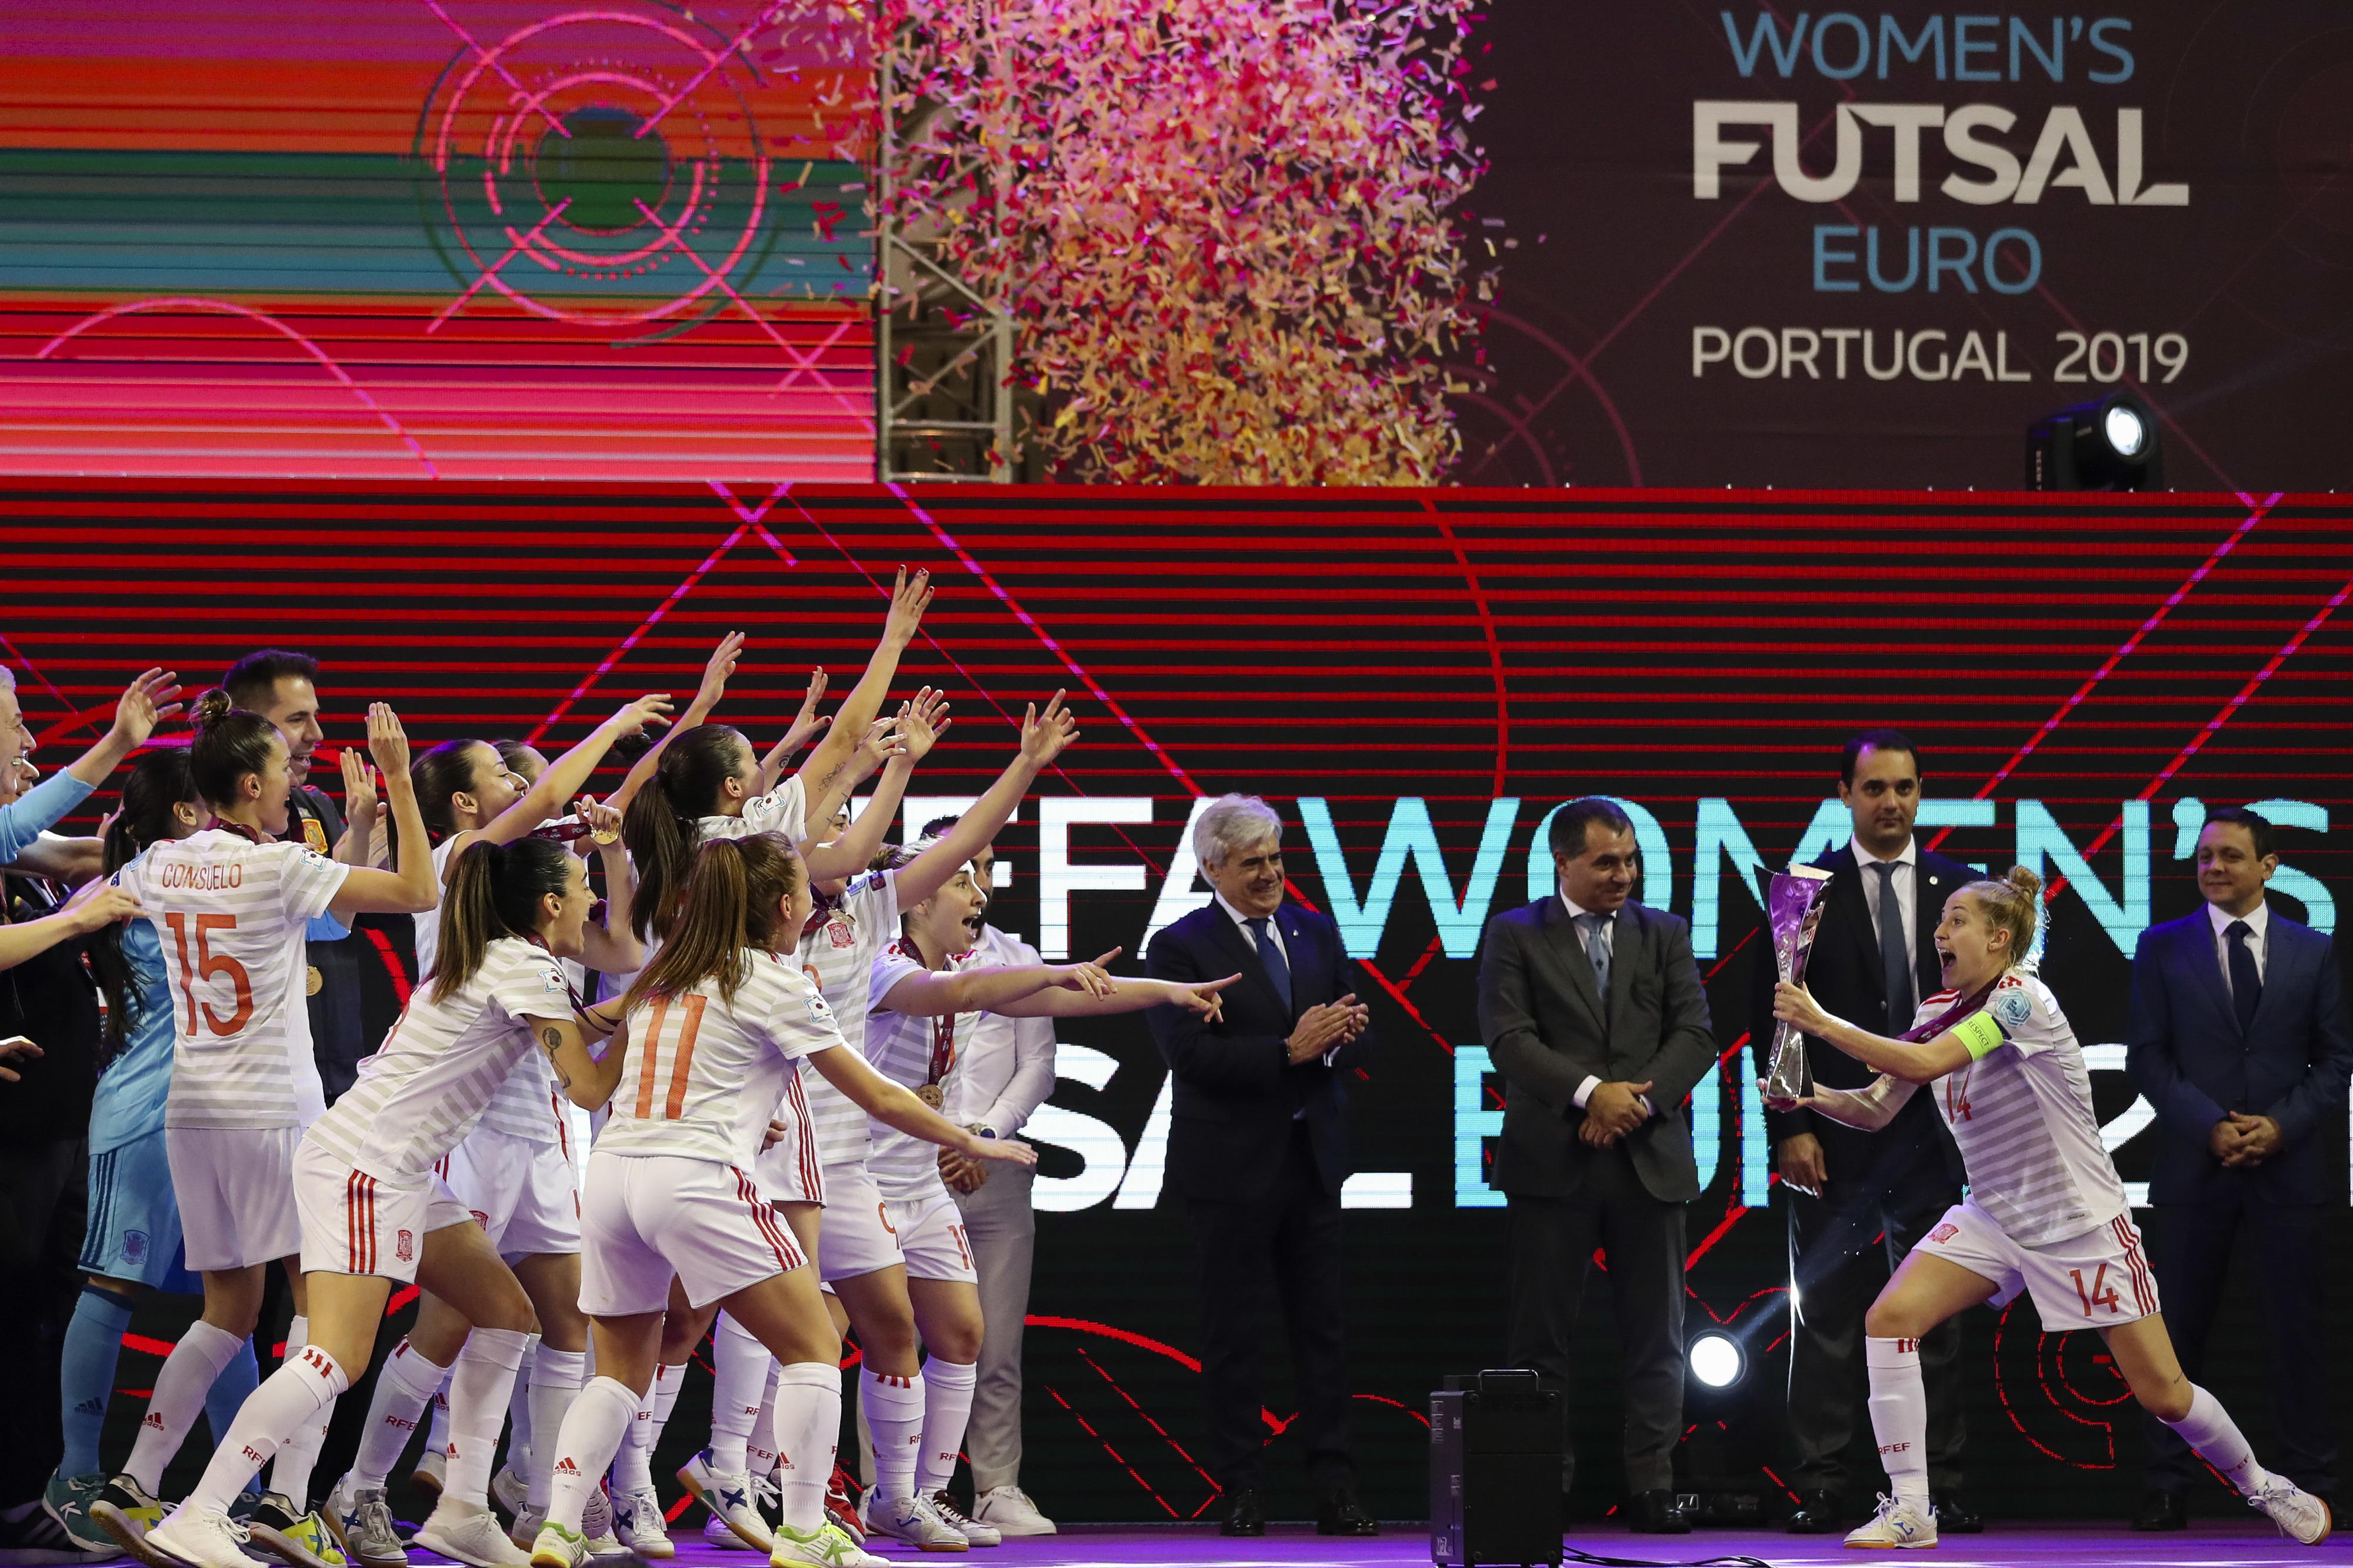 Desilusão portuguesa na festa espanhola: As imagens da final do Euro de futsal feminino